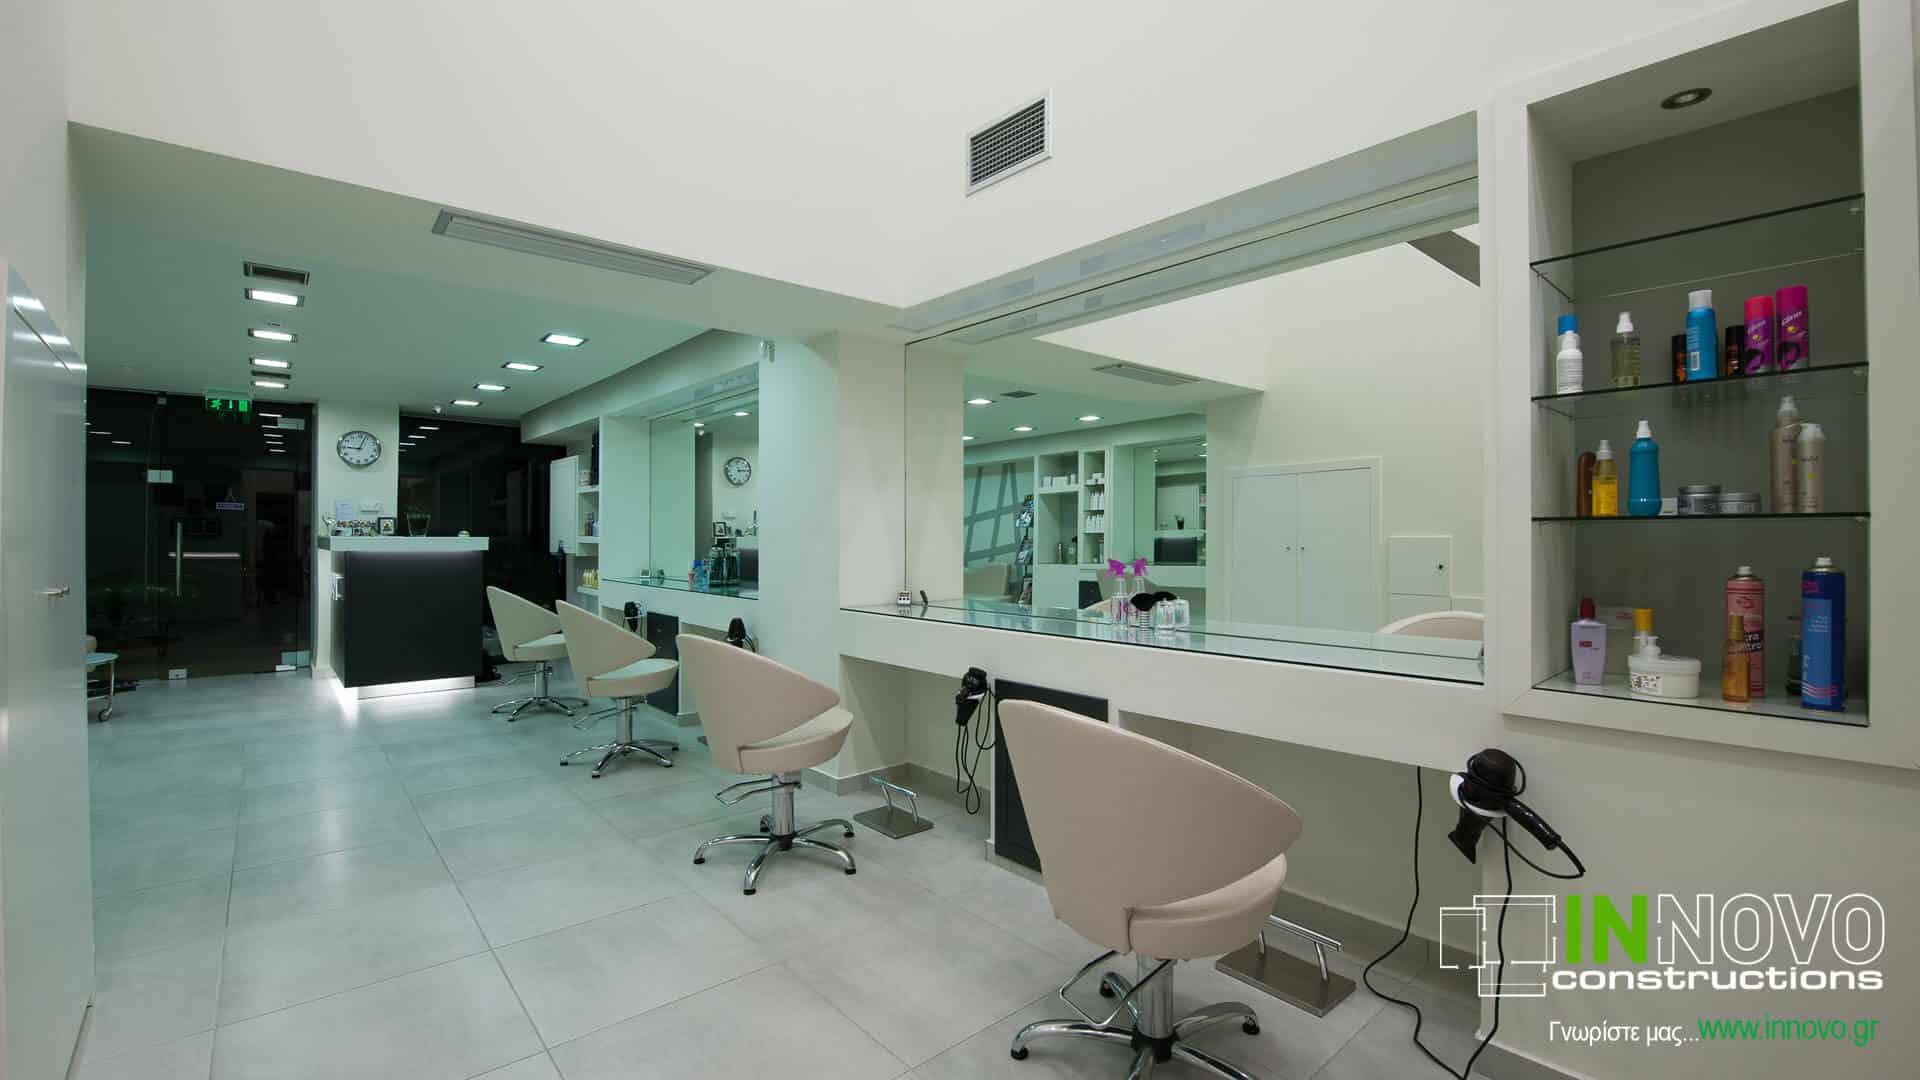 kataskevi-kommotiriou-hairdressers-construction-kommotirio-renti-1365-10